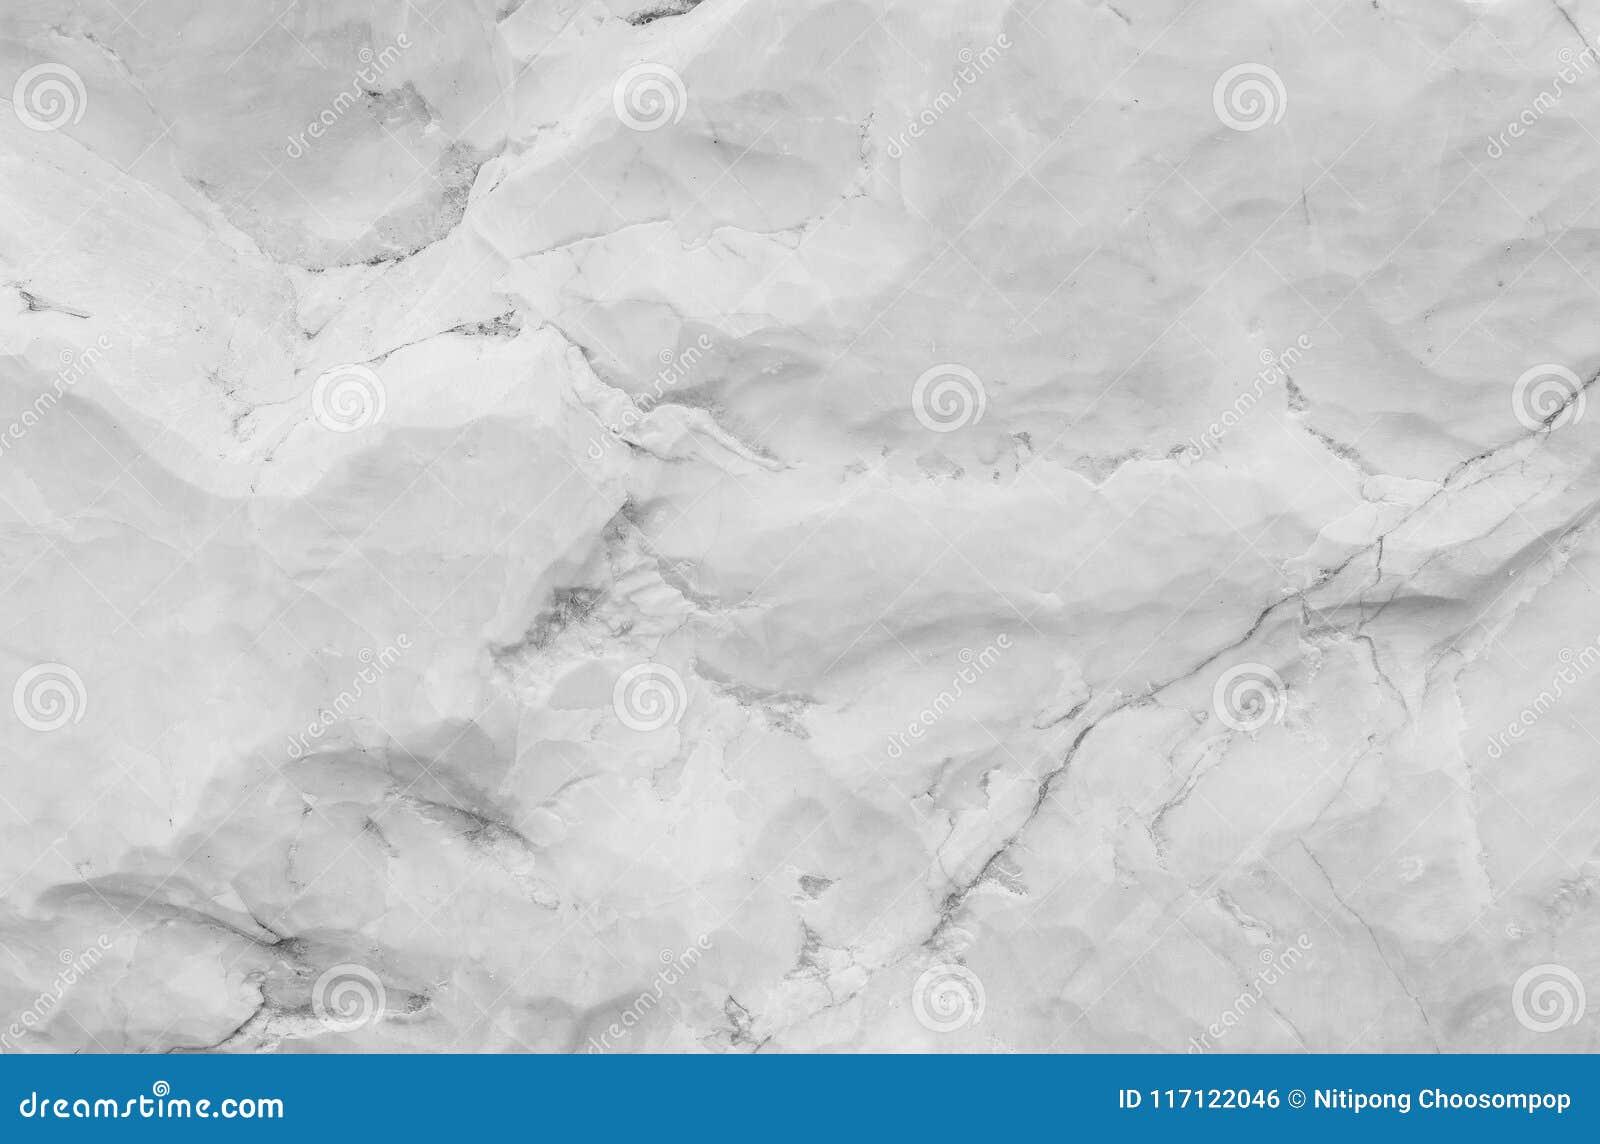 Картина крупного плана поверхностная абстрактная мраморная на мраморном камне для украшает в предпосылке текстуры сада в черно-бе